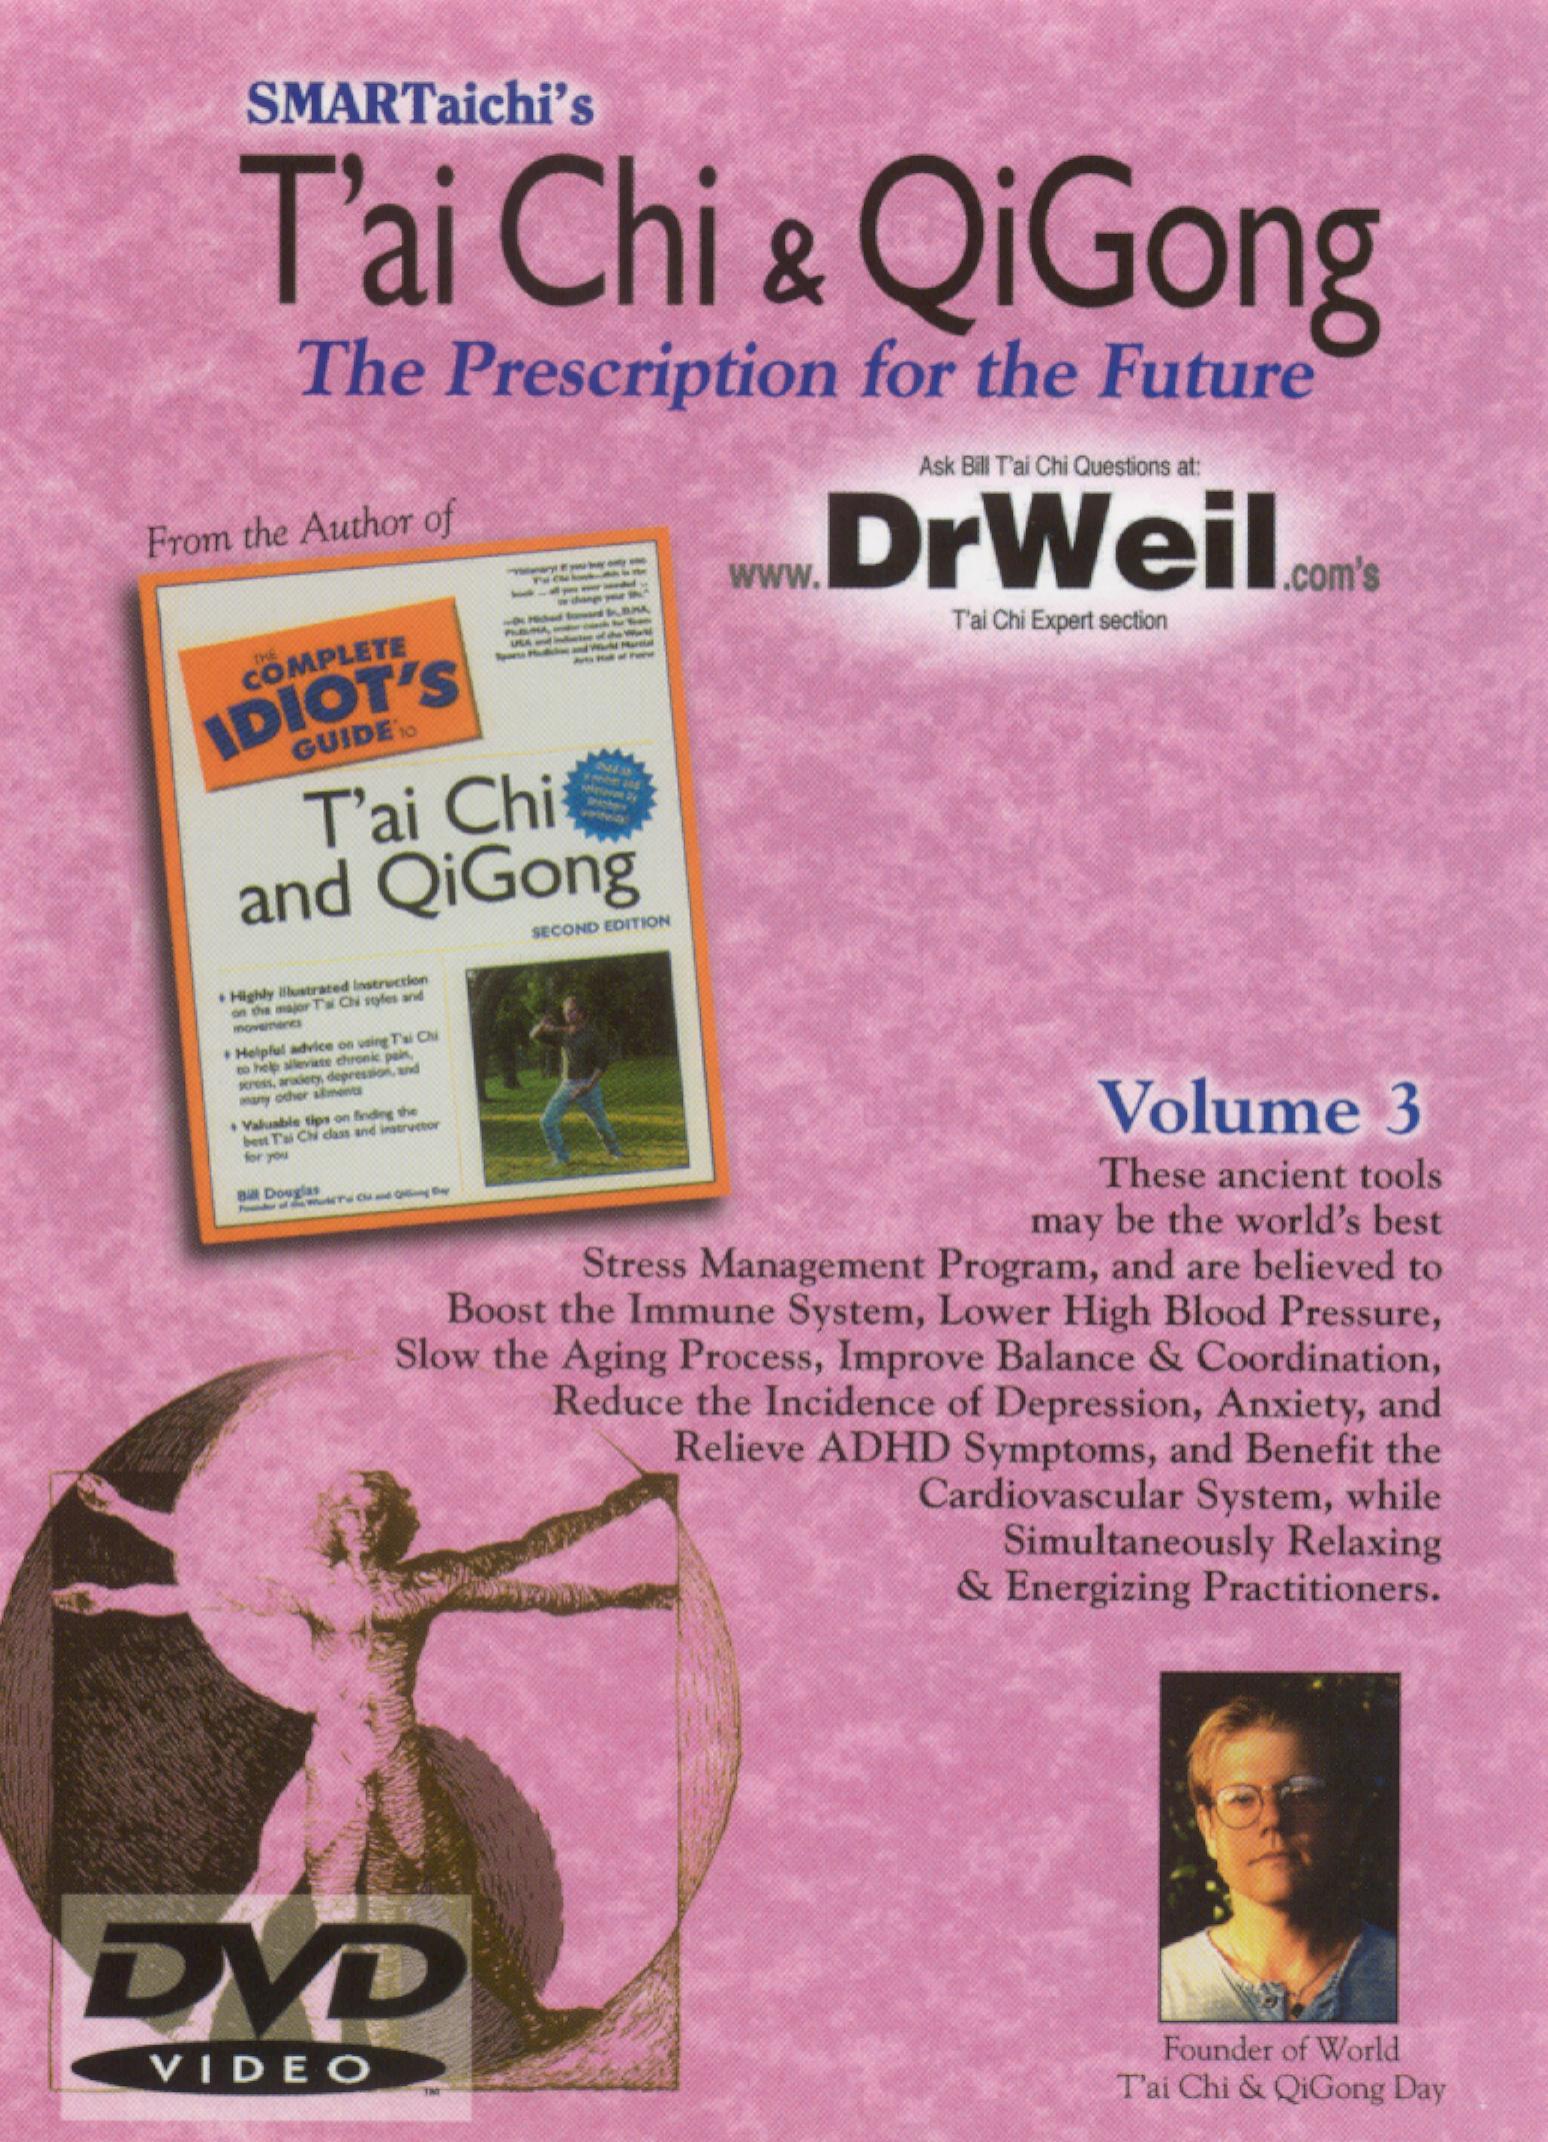 T'ai Chi & QiGong: The Prescription for the Future, Vol. 3